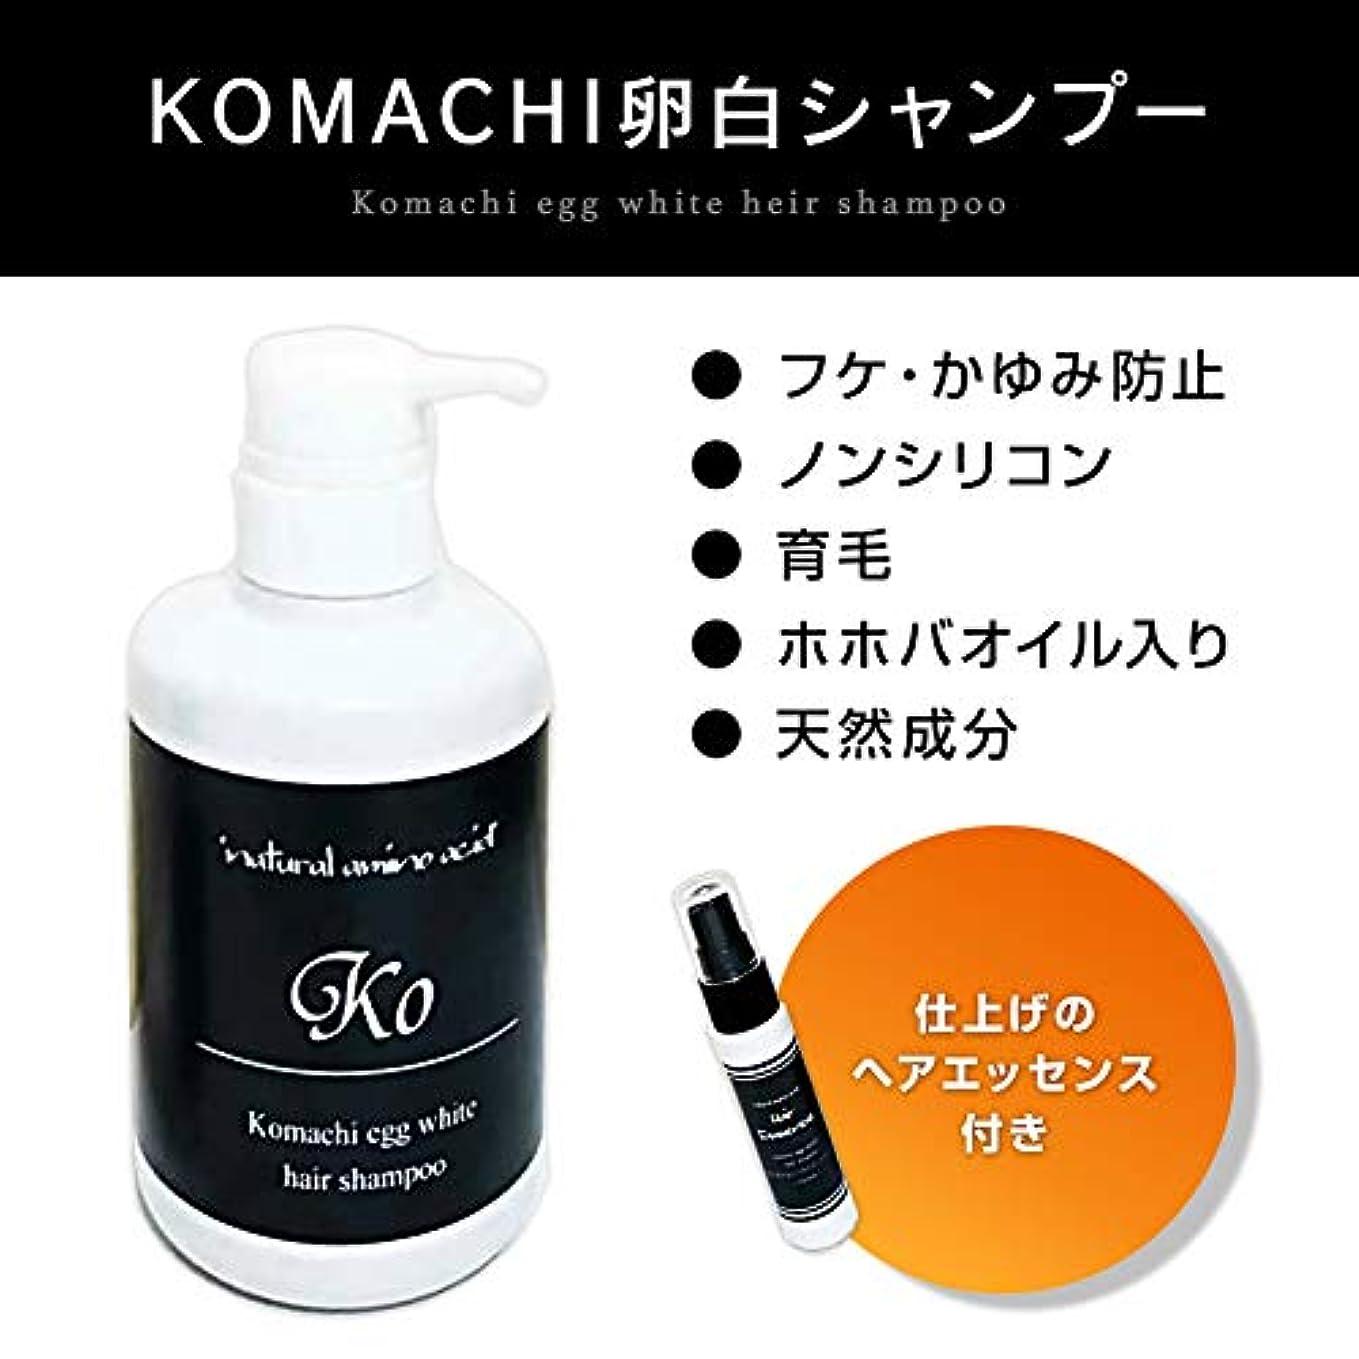 スリム天の署名KOMACHI シャンプー メンズ 無添加 人気 オーガニック ノンシリコン 日本製 ホホバオイル入り ヘアエッセンス付きシャンプー セット